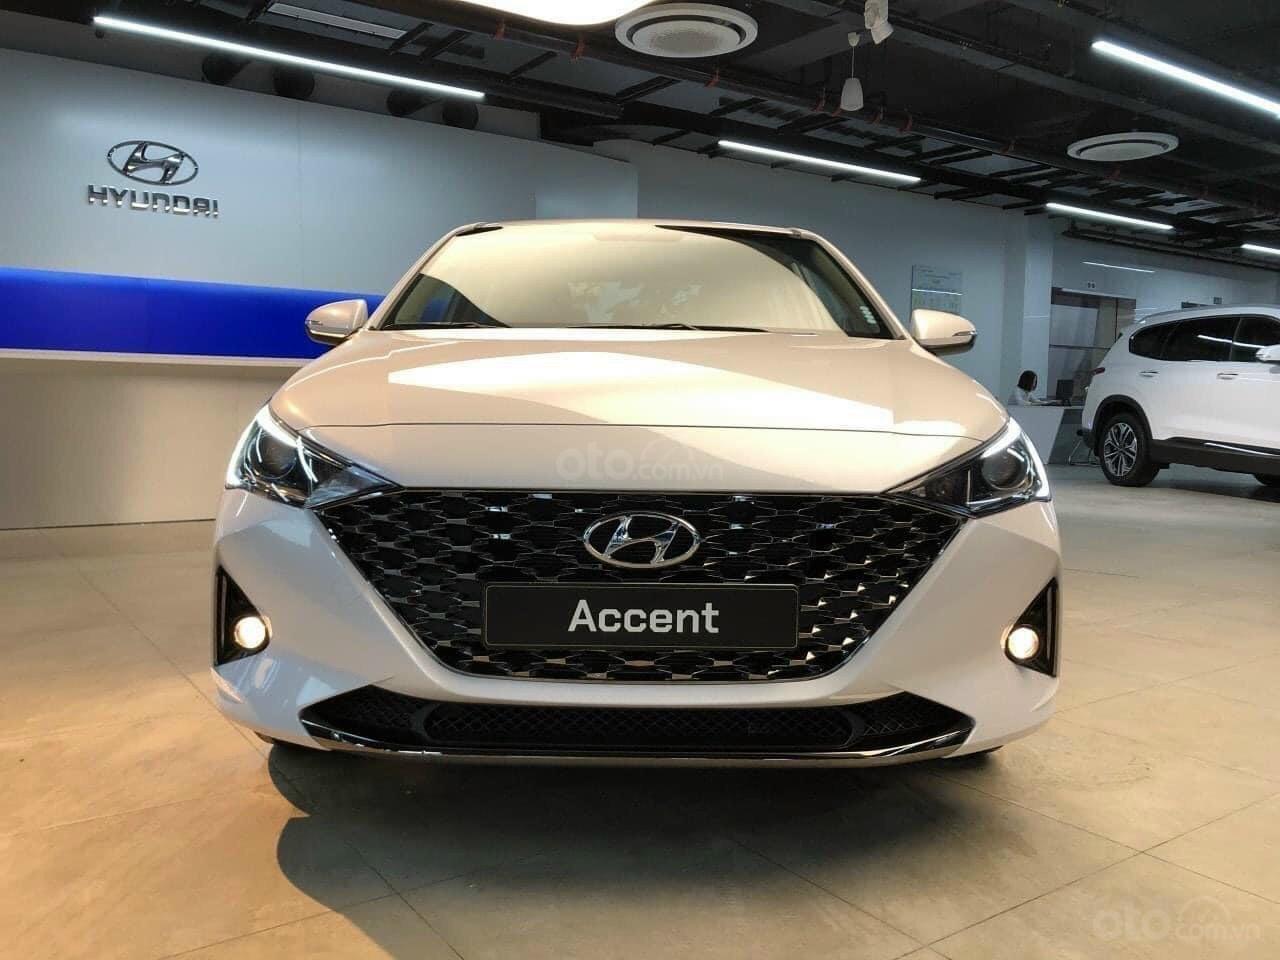 Hyundai Accent, quà tặng khủng, đủ màu giao ngay, gia tăng bảo hành đến 5 năm (3)